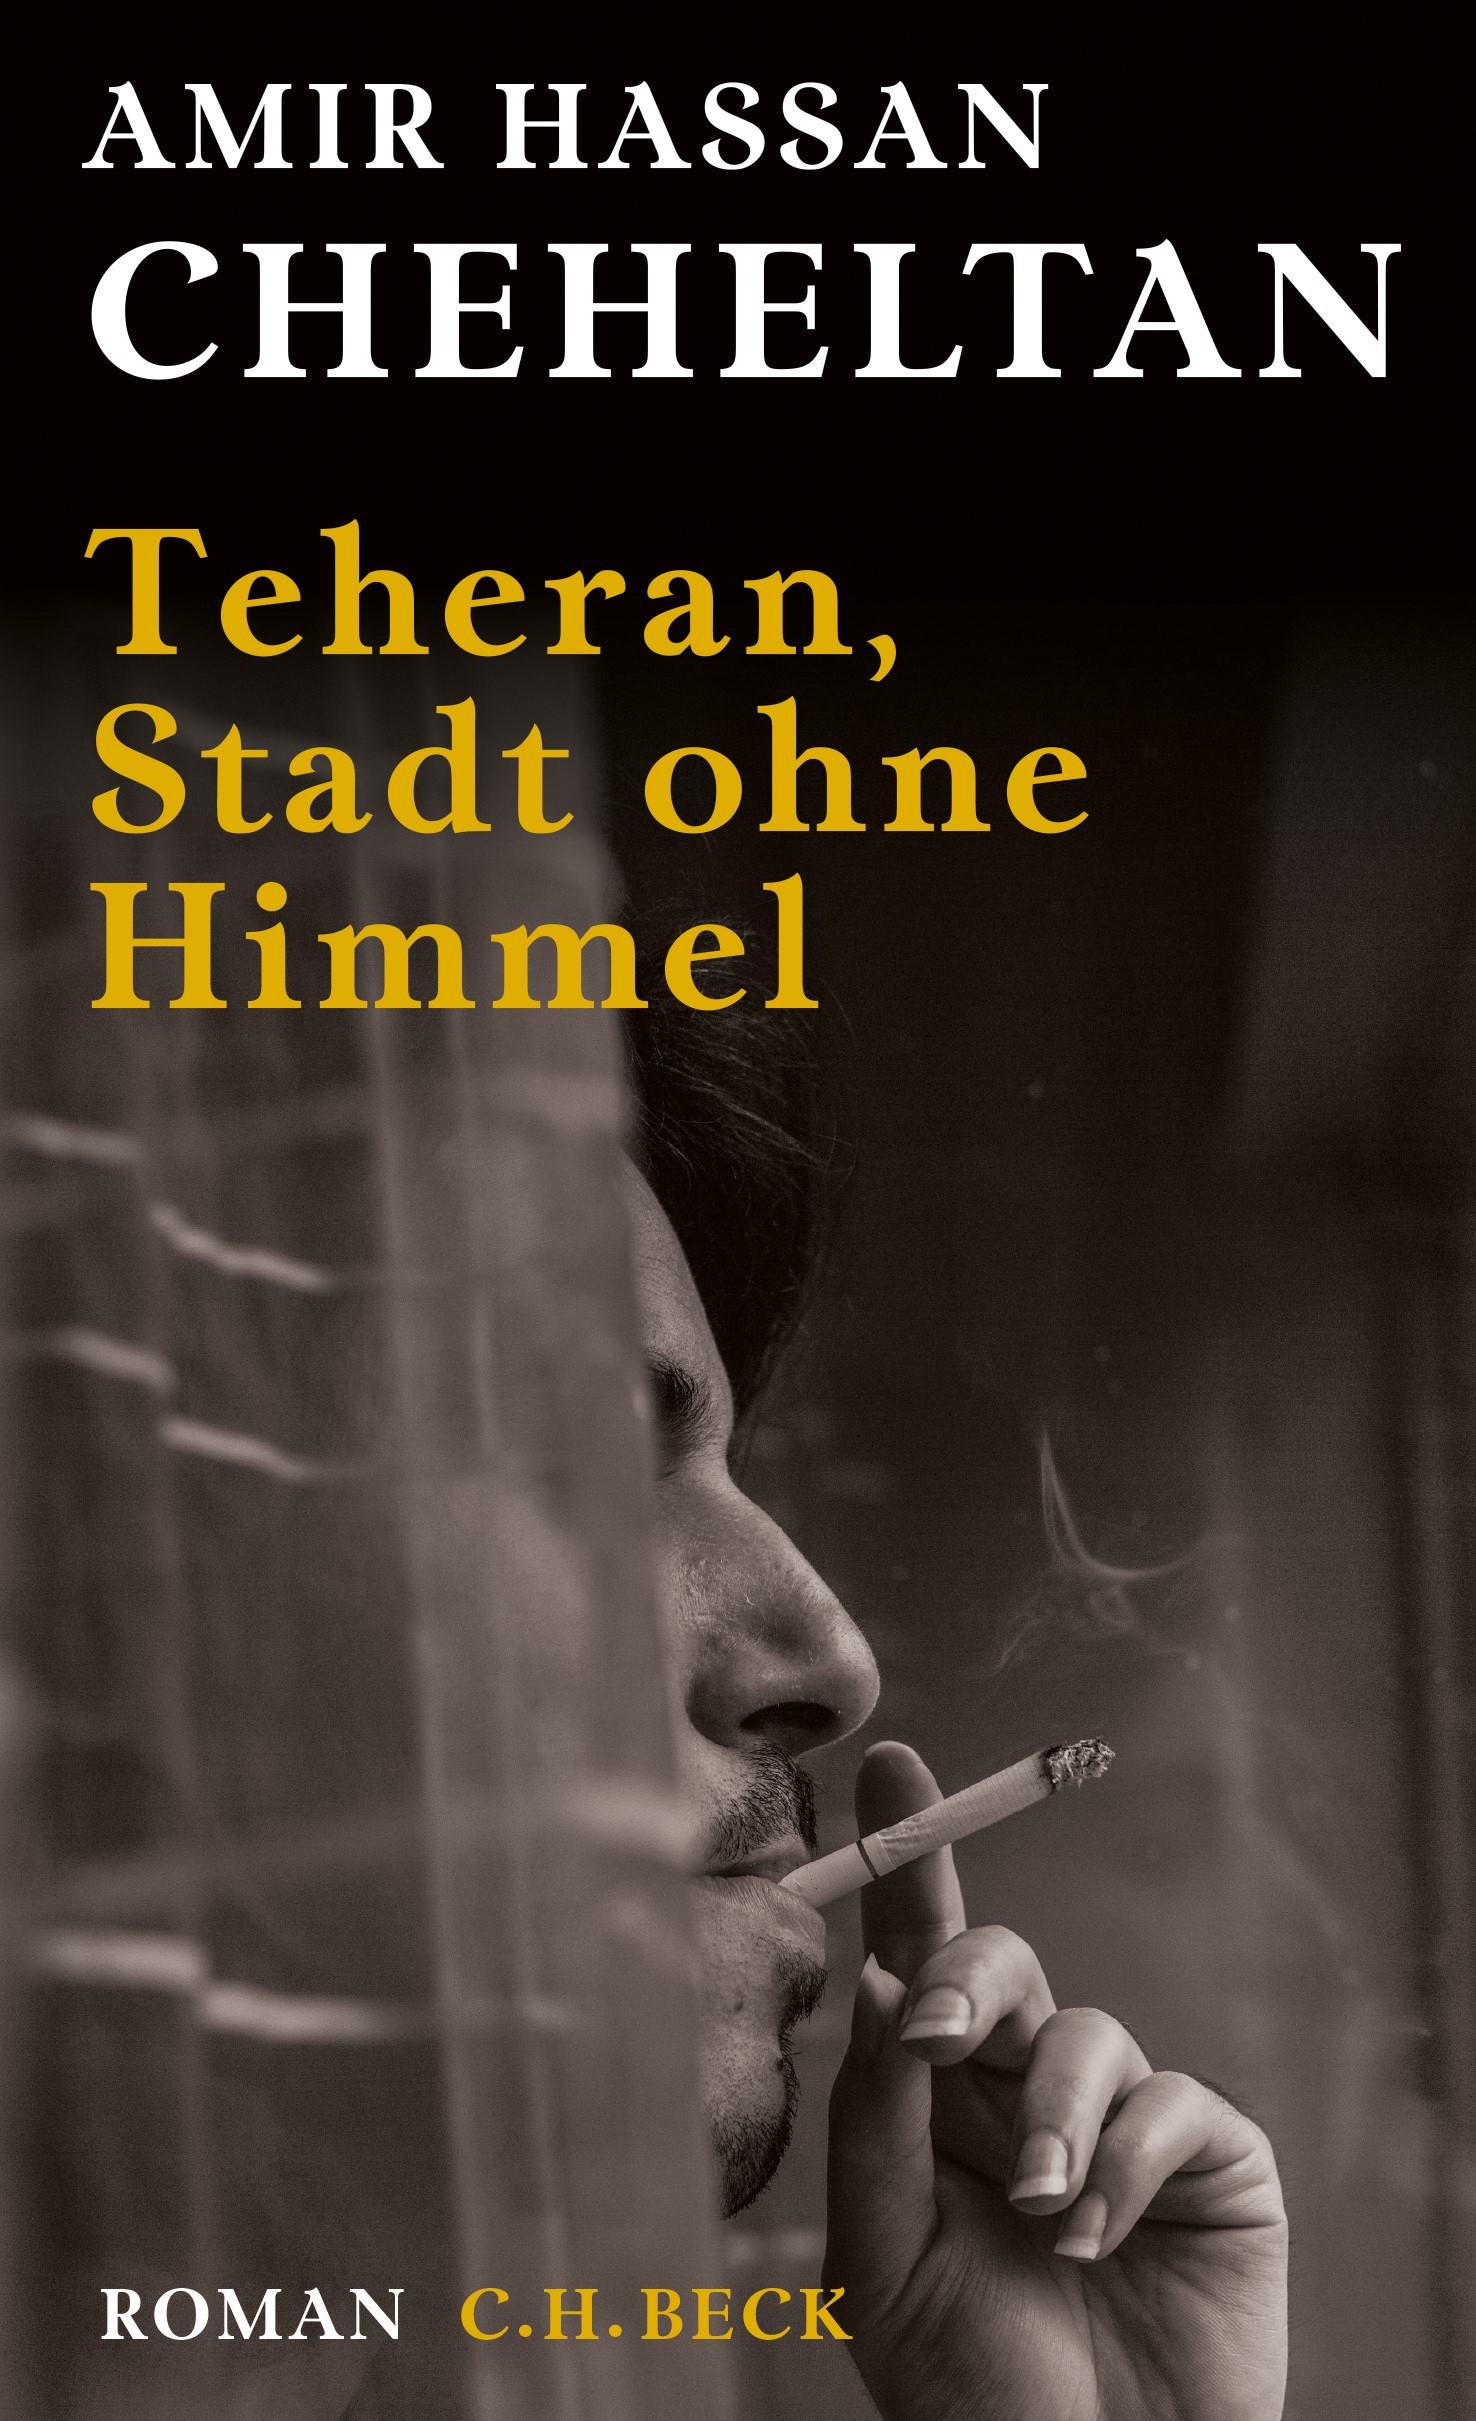 Teheran, Stadt ohne Himmel | Cheheltan, Amir Hassan | 4. Auflage, 2018 | Buch (Cover)